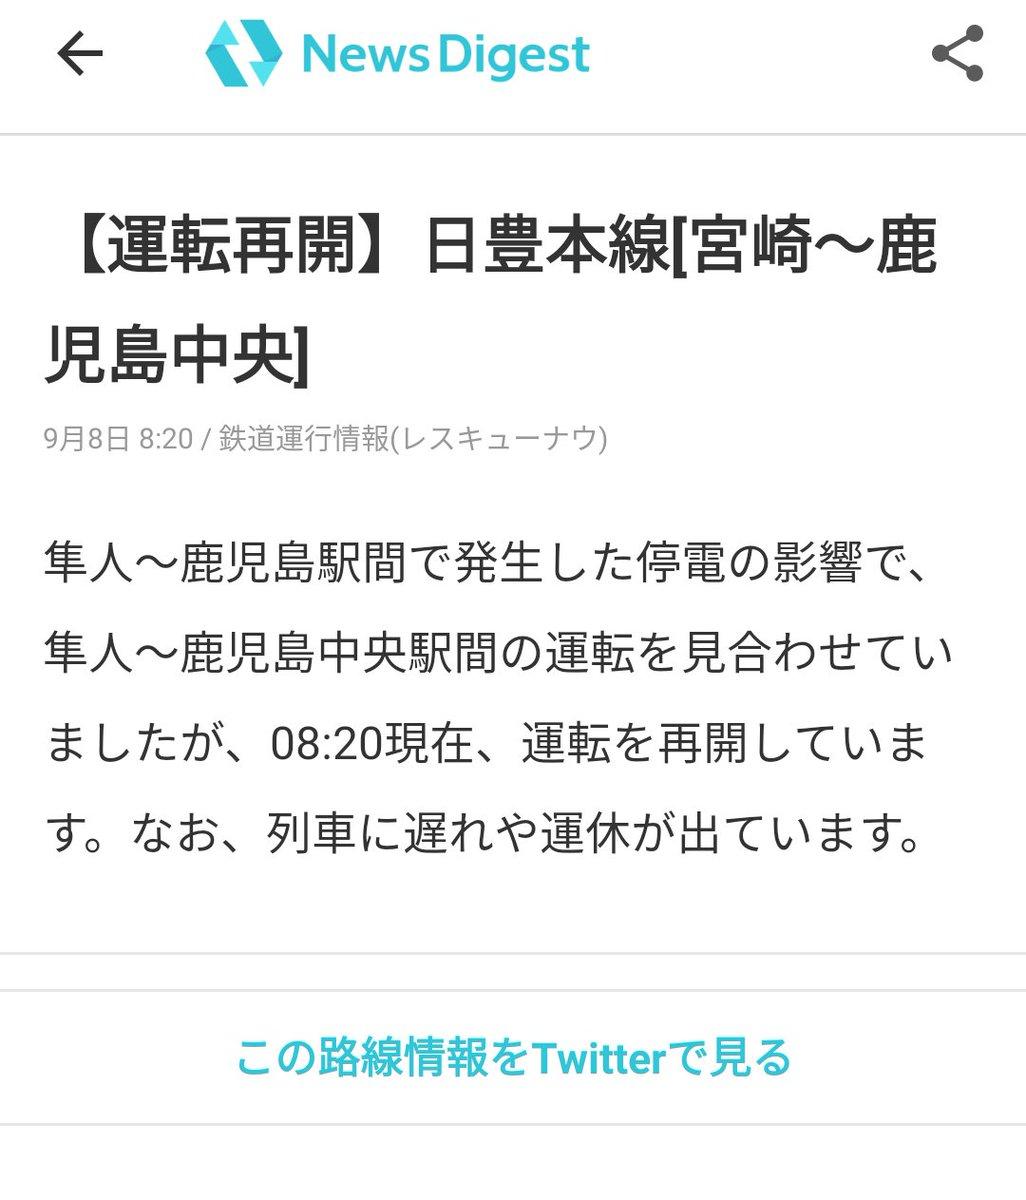 鹿児島 jr 運行 状況